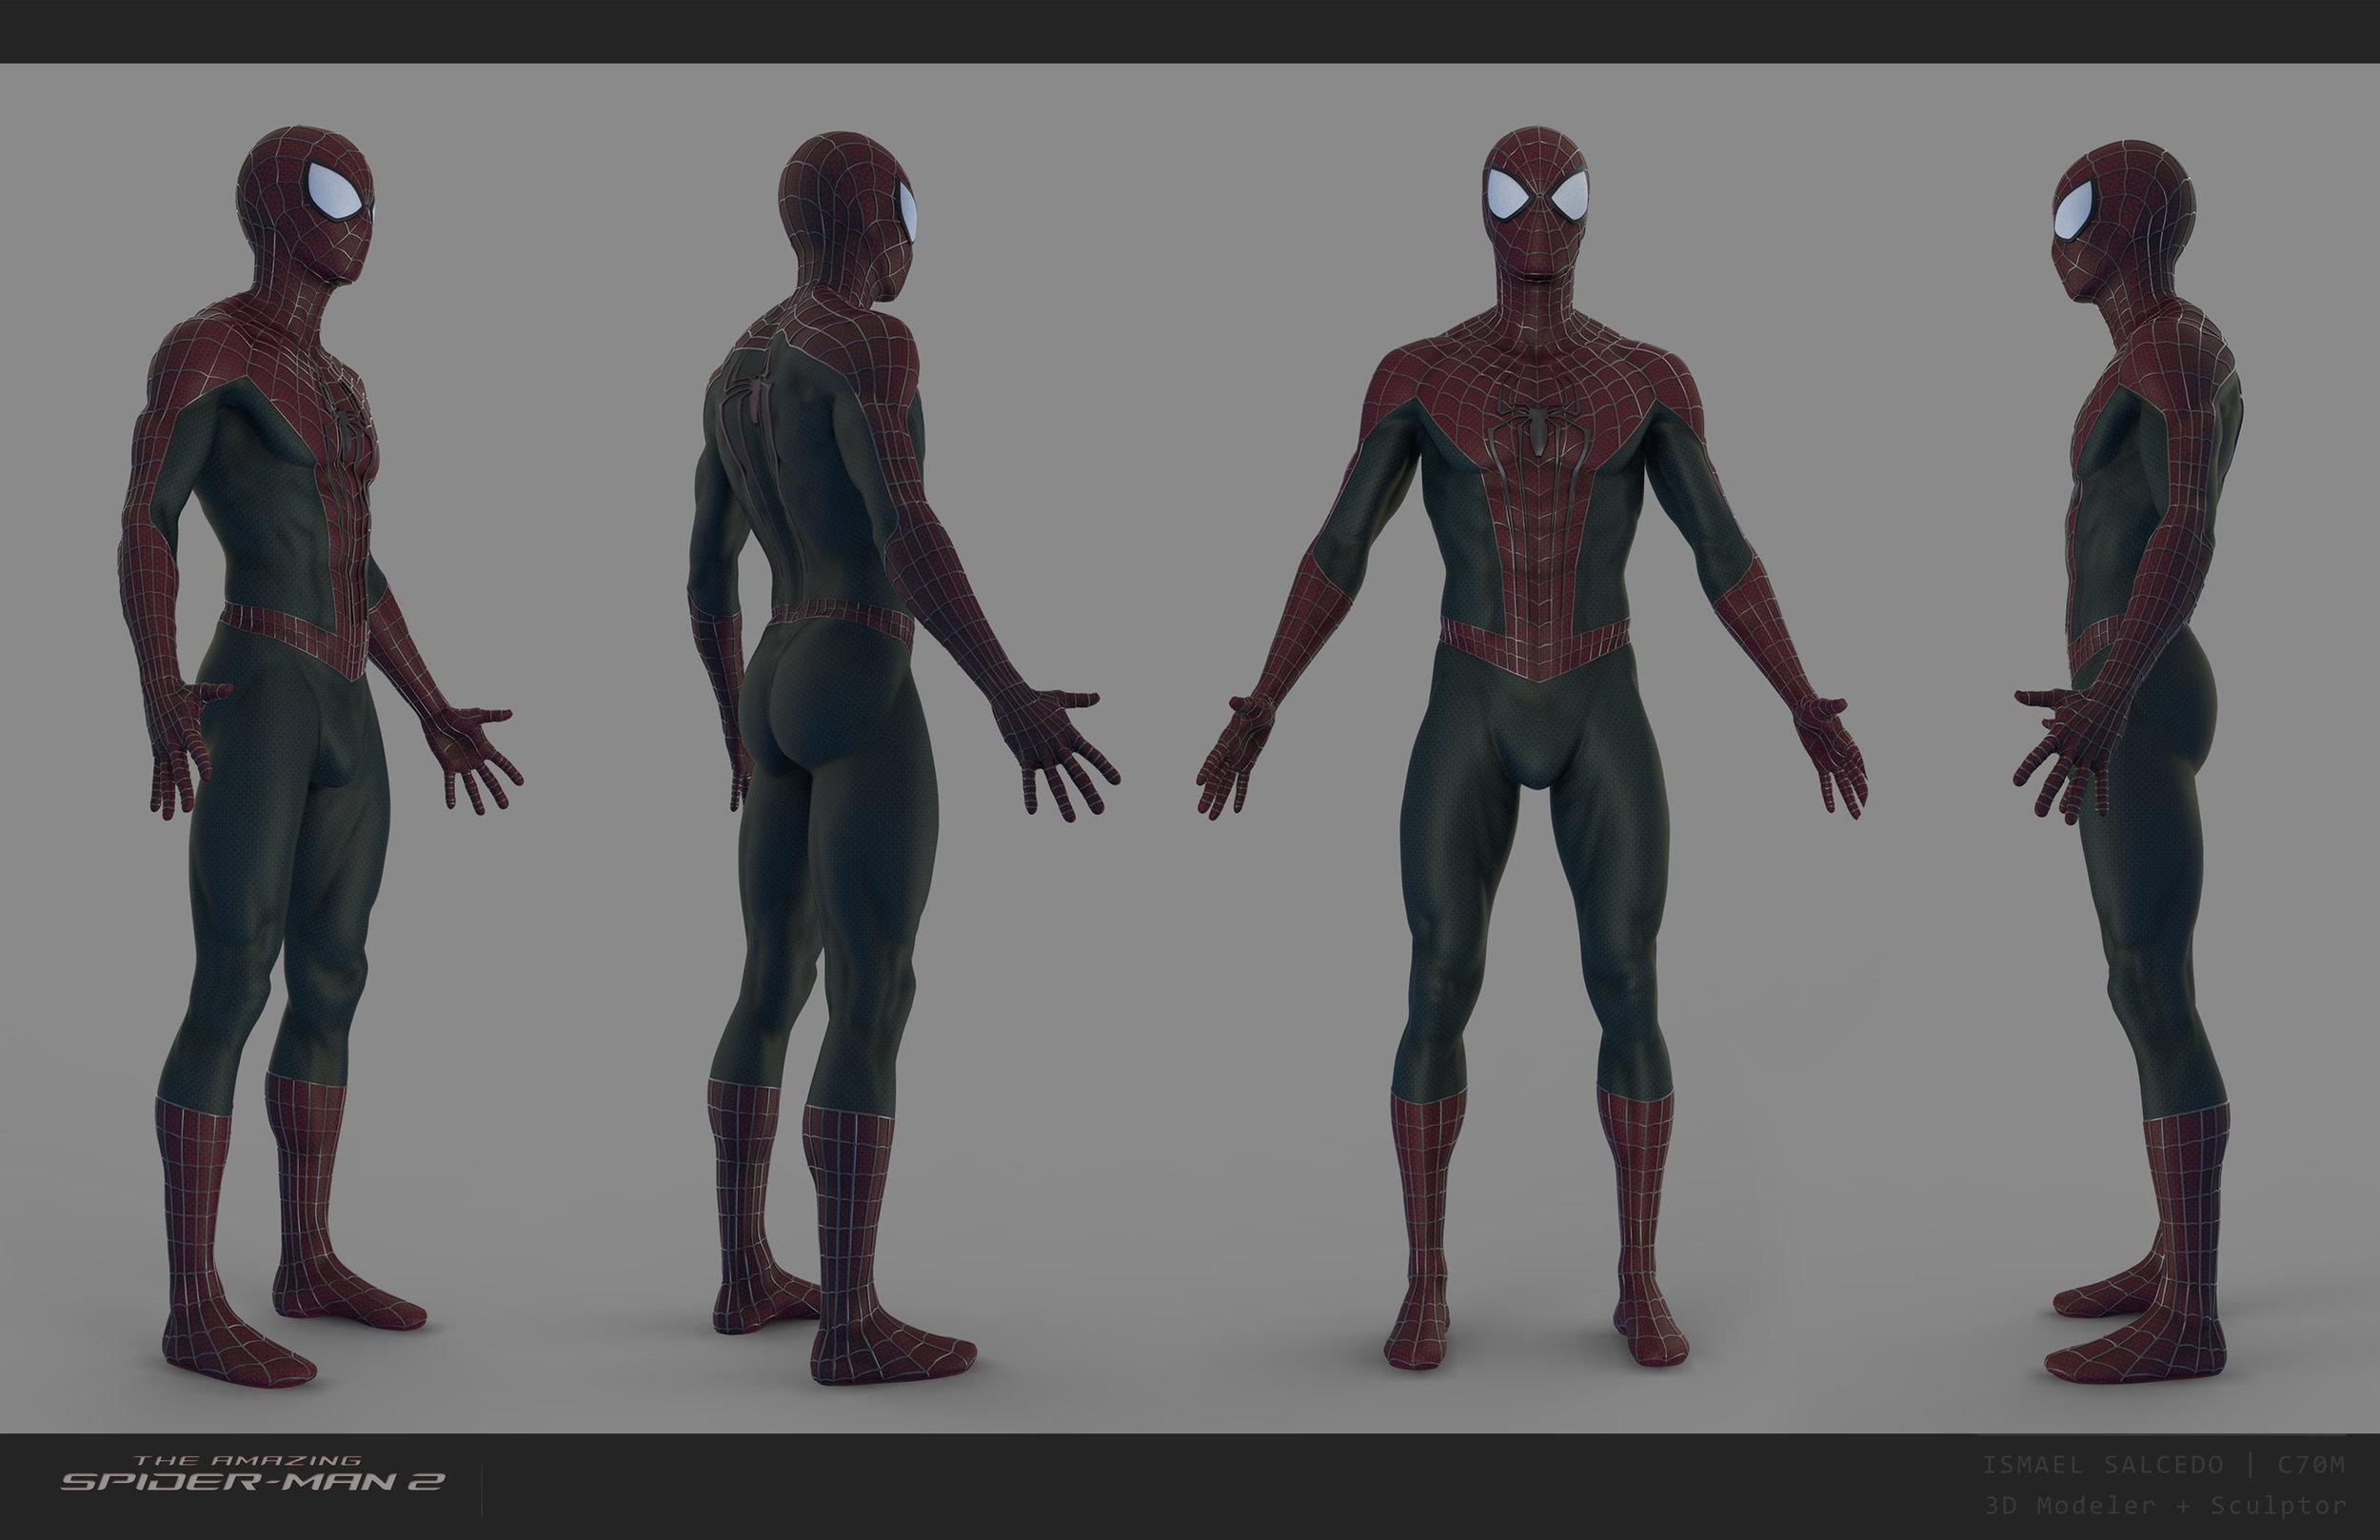 002_SPIDER-MAN_comp.jpg